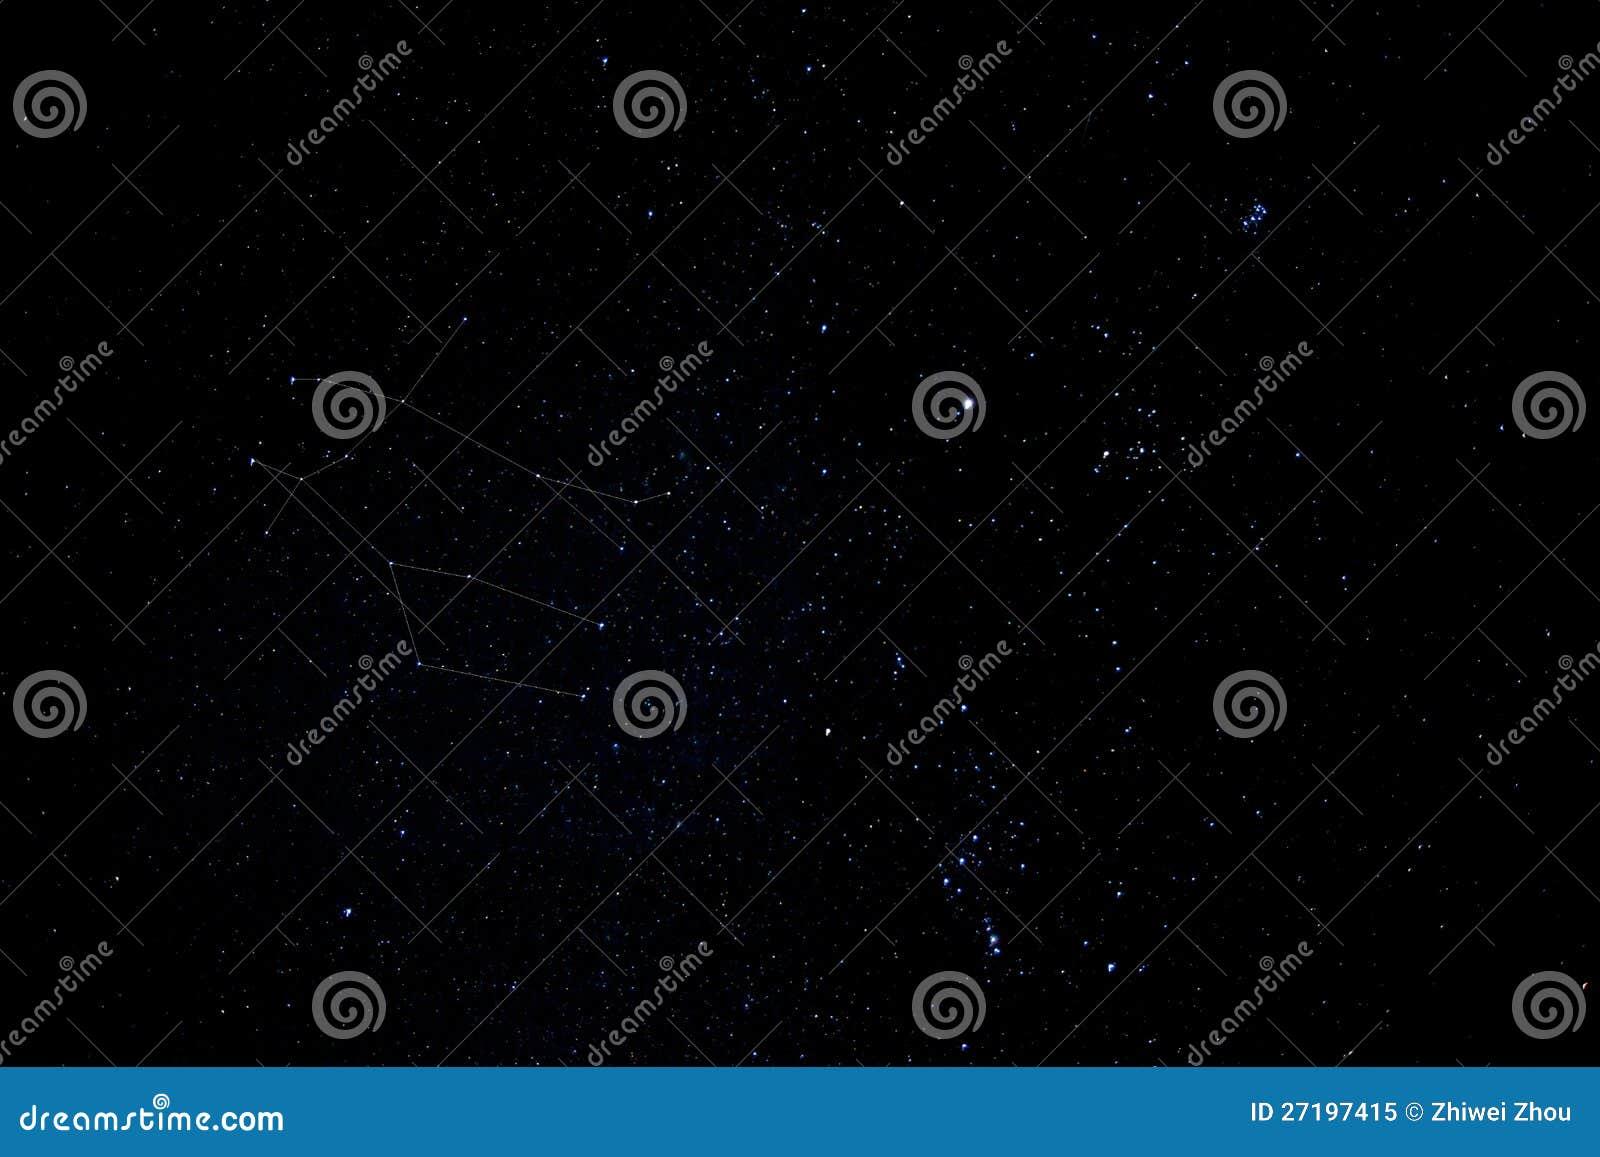 双子星座实际天空